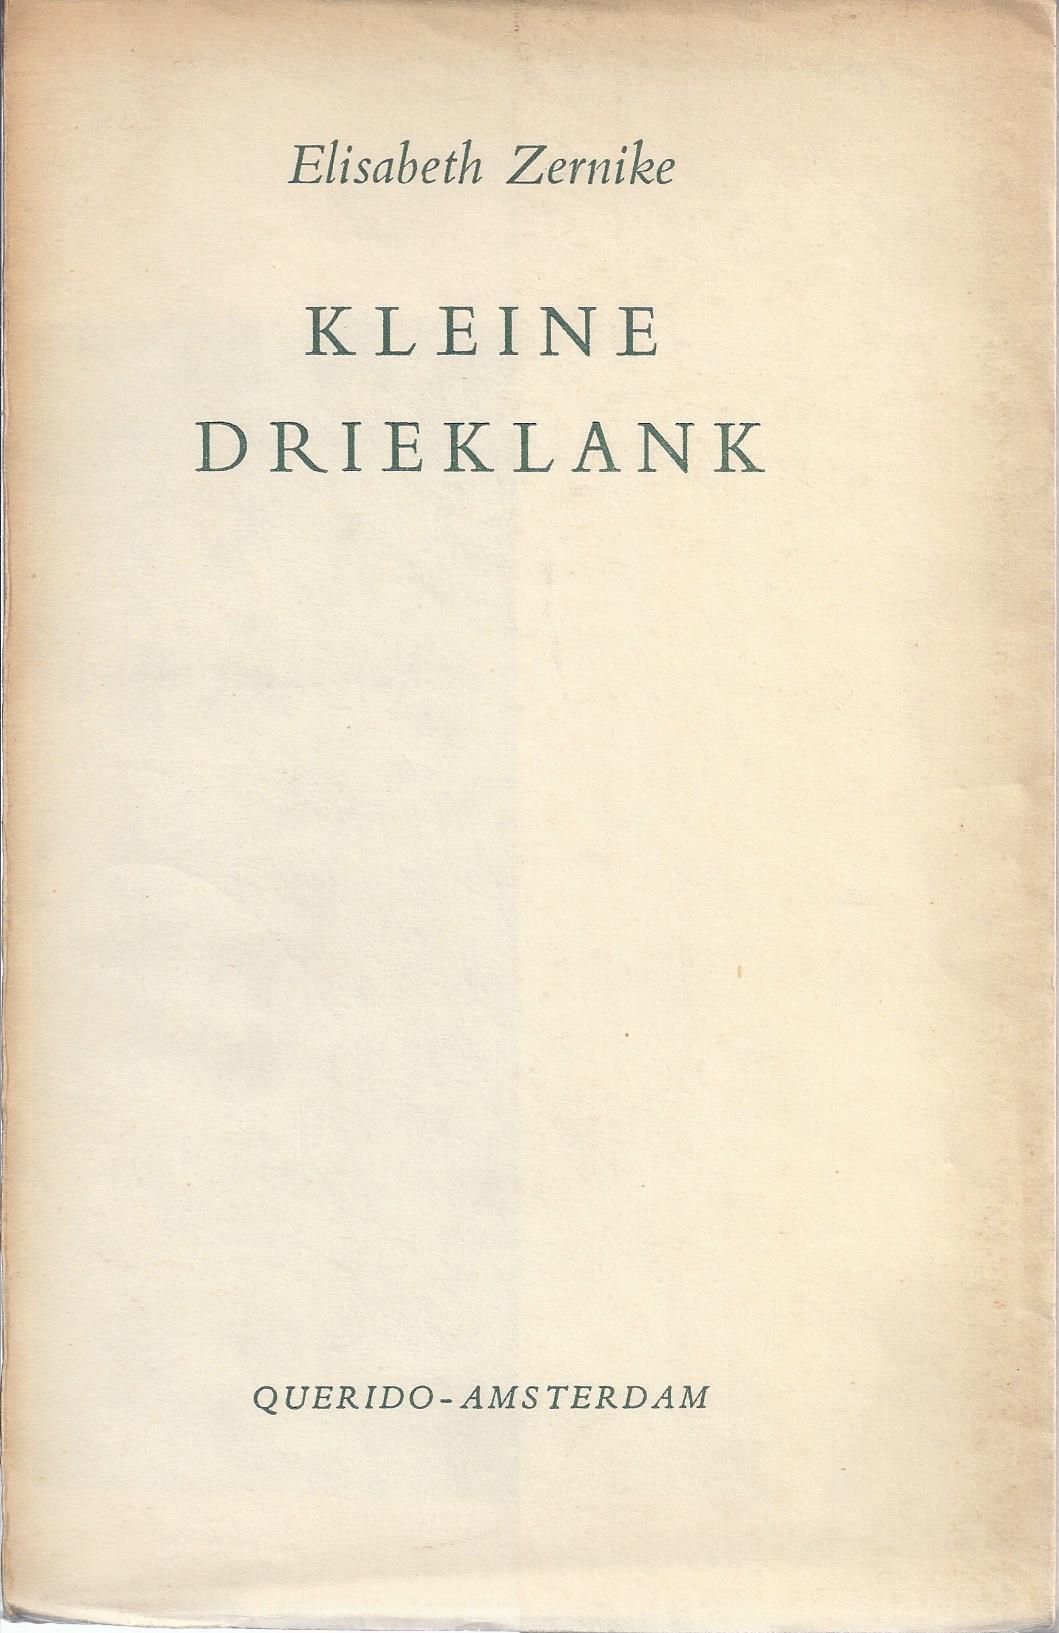 ZERNIKE, ELIZABETH 1891-1982) - Kleine Drieklank